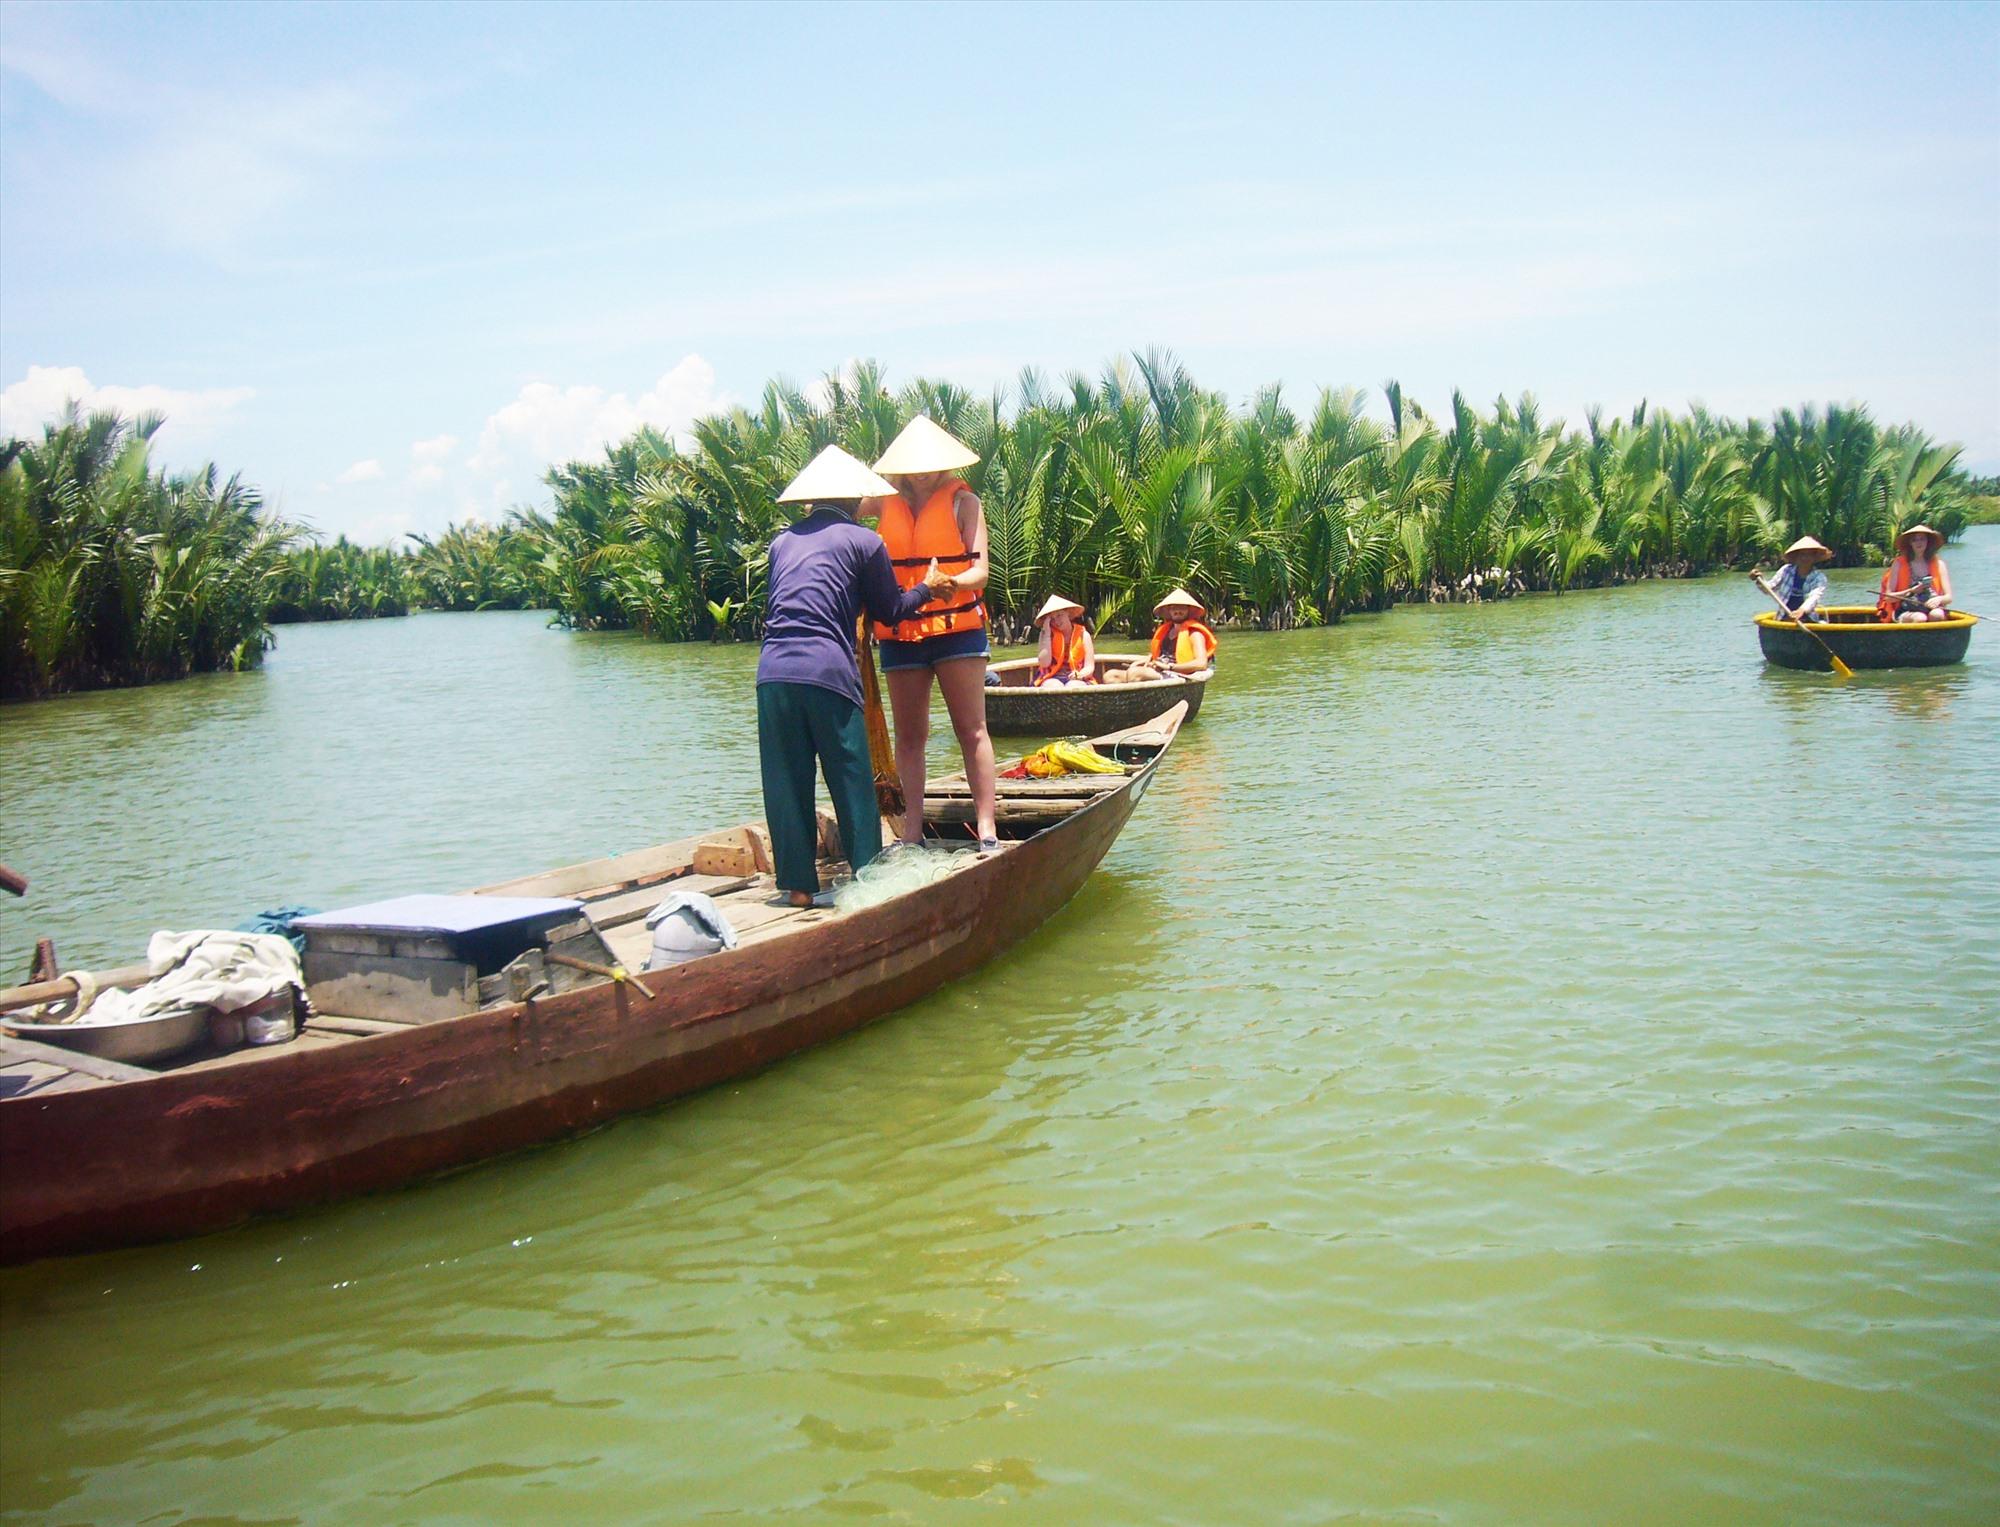 Rừng dừa nước Cẩm Thanh là điểm du lịch trải nghiệm đời sống cư dân vùng sông nước. Ảnh: Đ.H